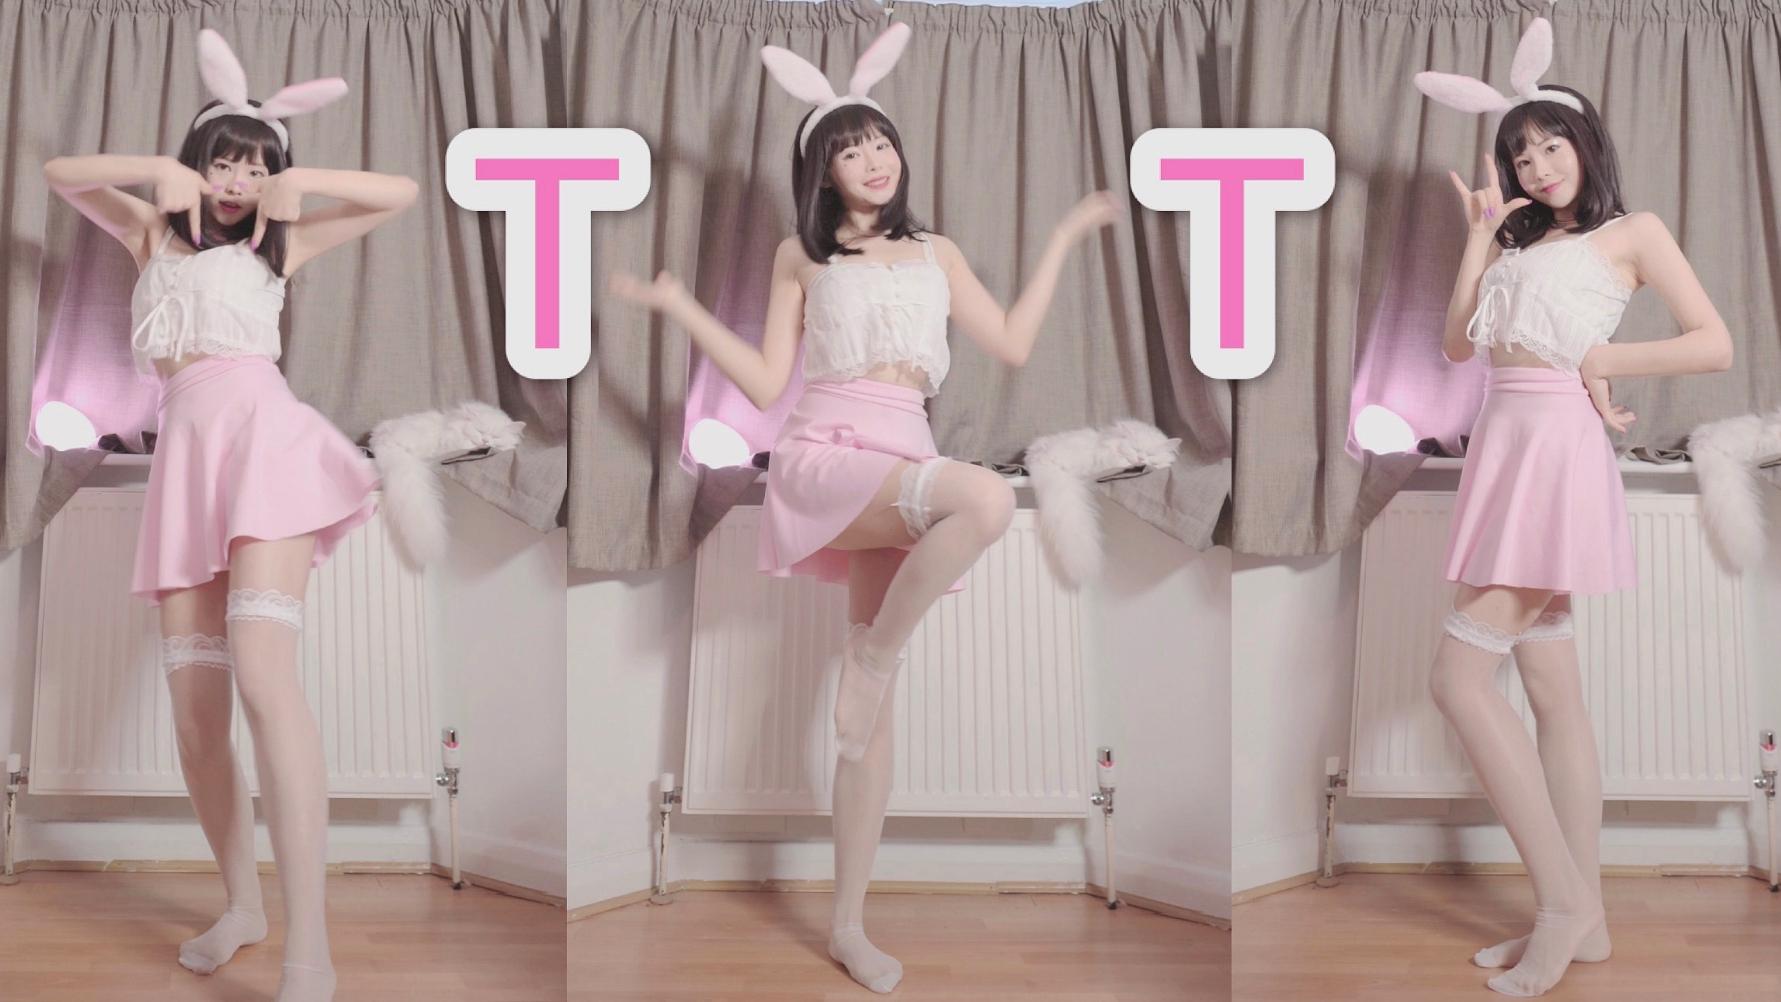 铁刘海软萌兔 肉肉的撒娇舞Twice TT竖屏